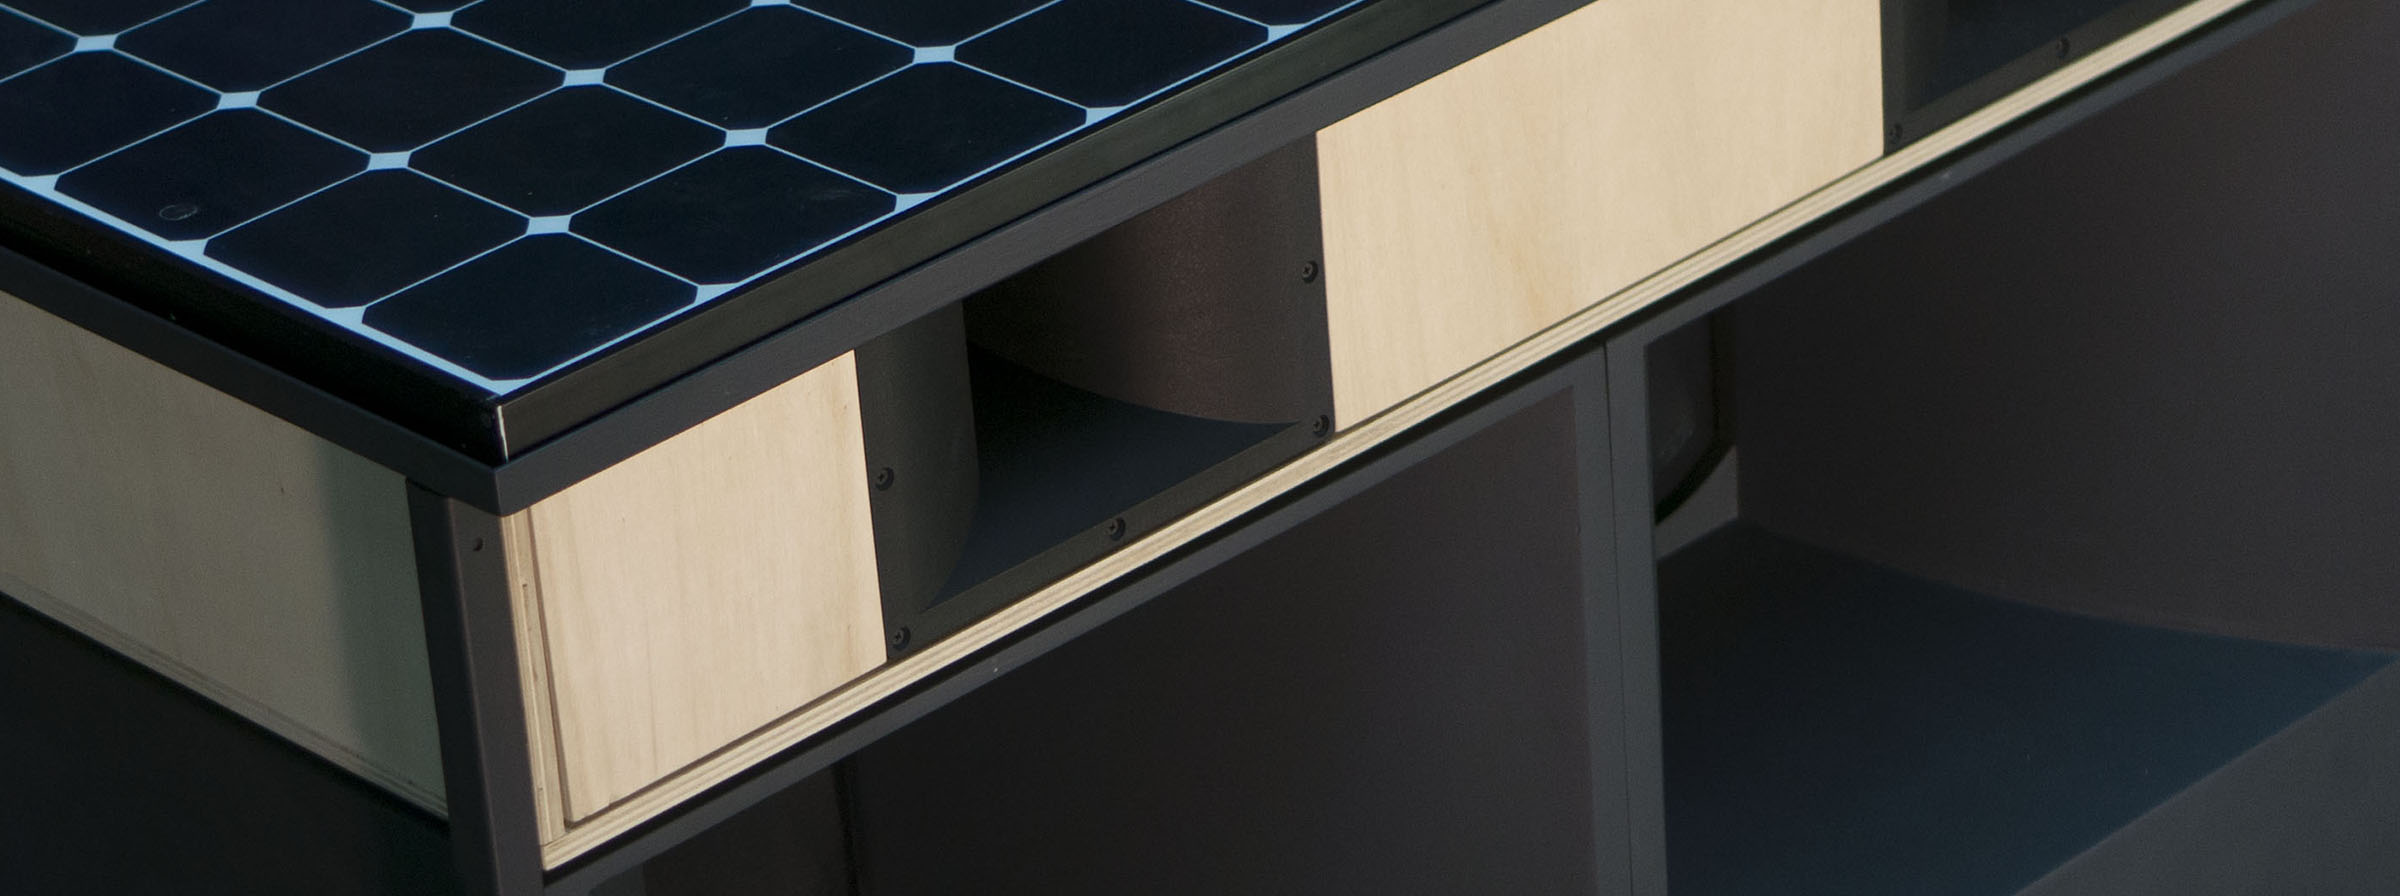 Pikip Solar Speakers - Enceinte photovoltaique - Sonorisation autonome en énergie